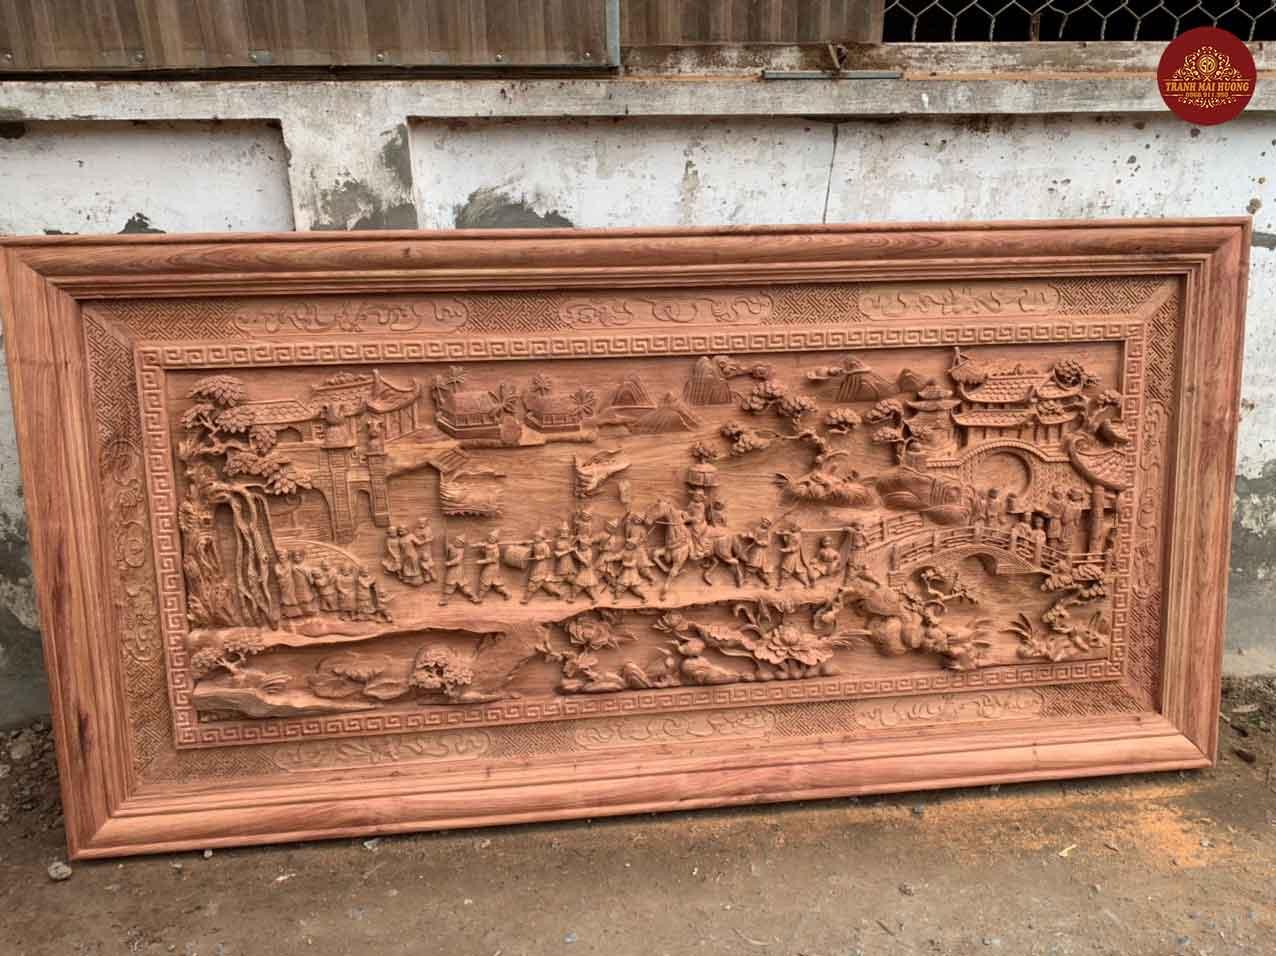 Tranh vinh quy bái tổ gỗ hương đá đục tay nét. KT: 237x117x8.